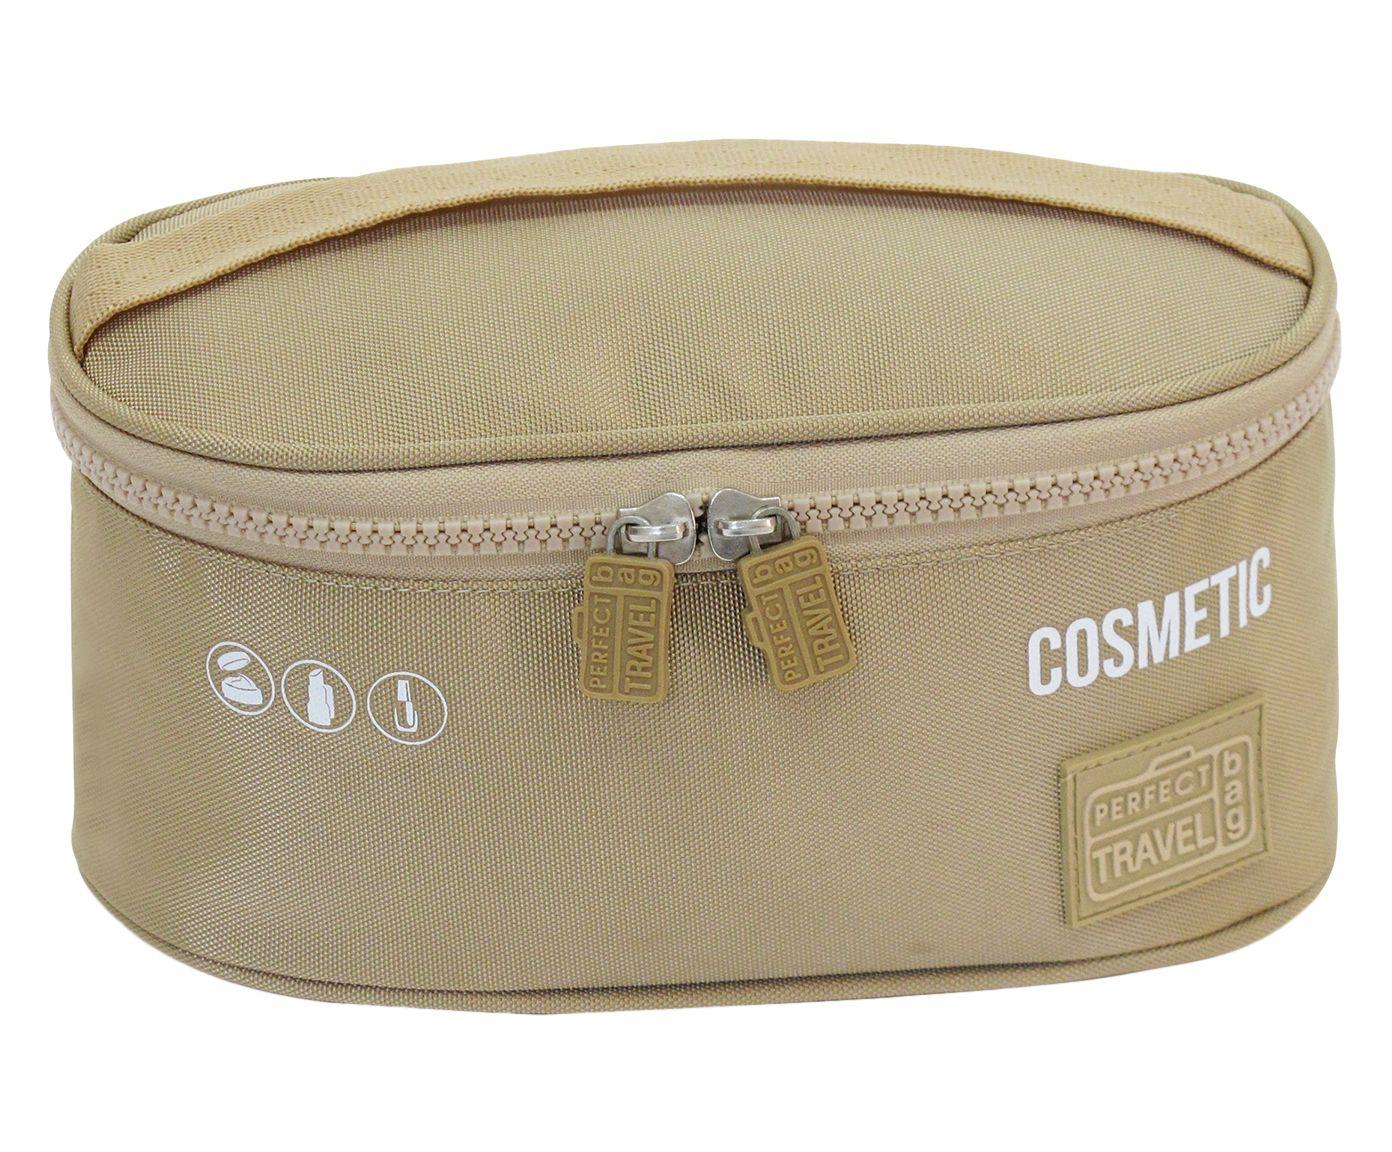 Nécessaire Cosmetic Caqui - 20X10X9cm | Westwing.com.br